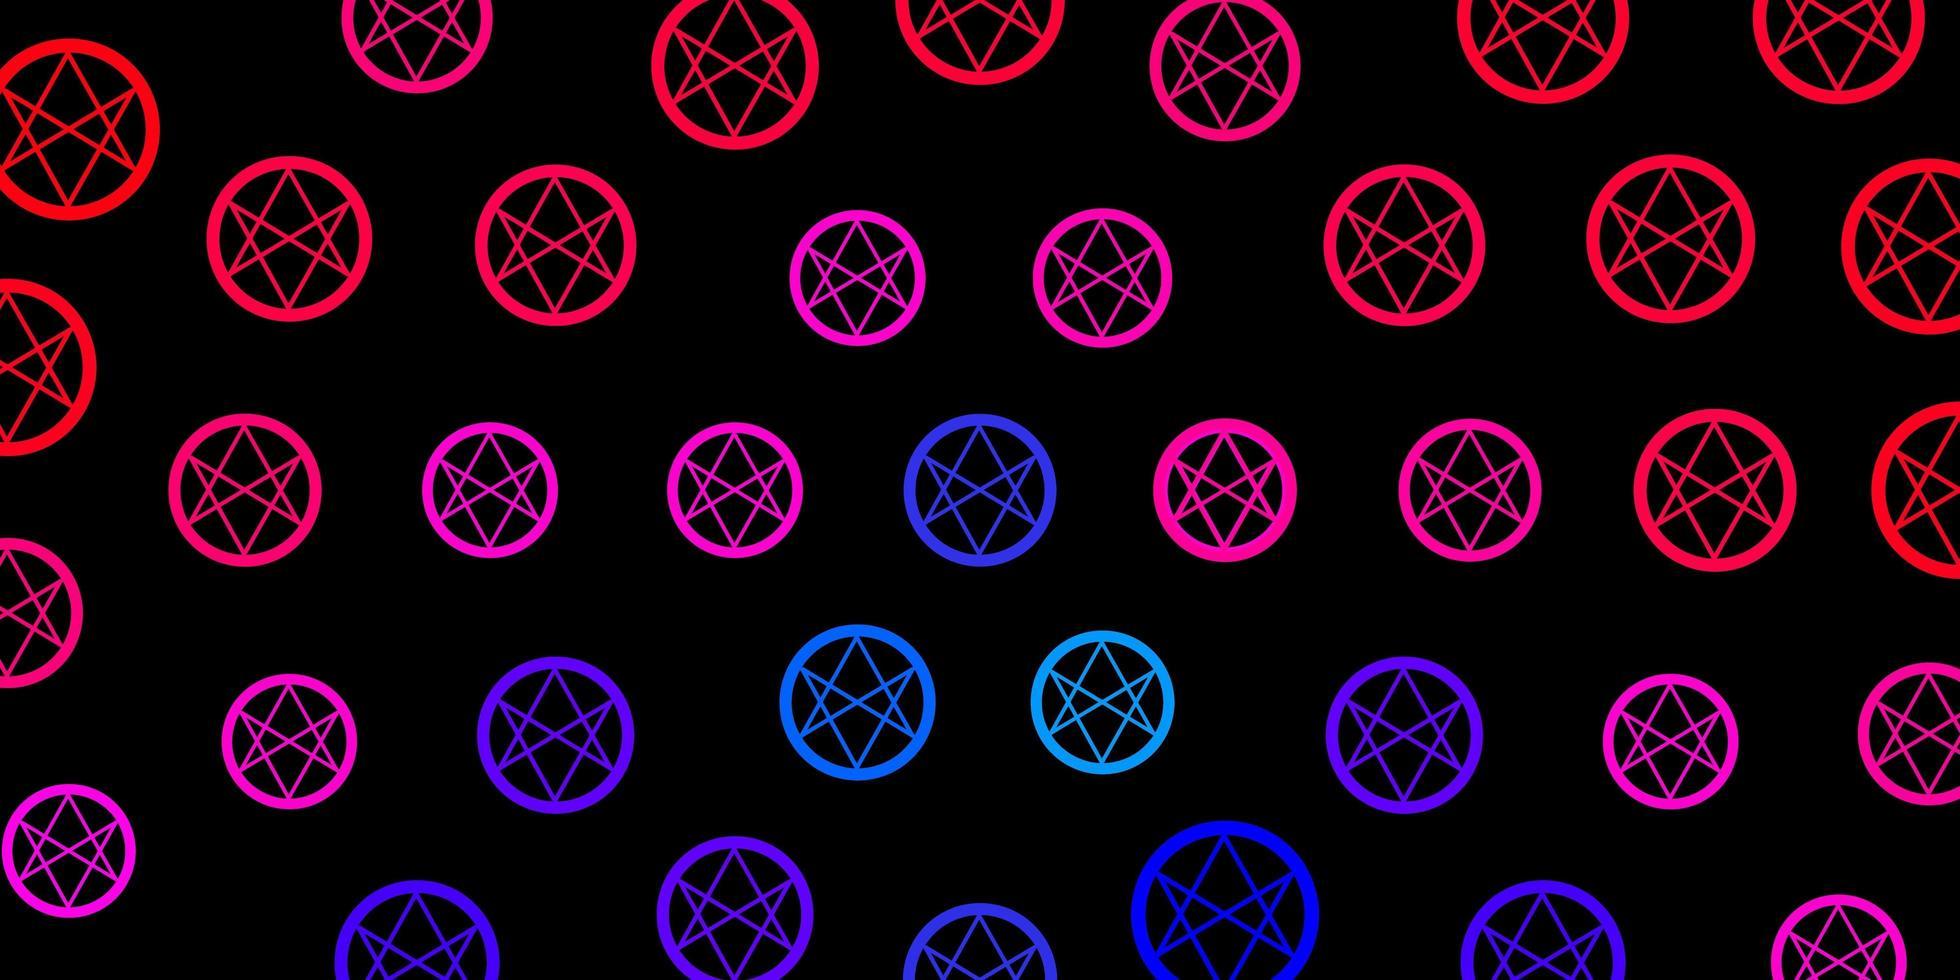 texture vecteur rose foncé avec des symboles de religion.